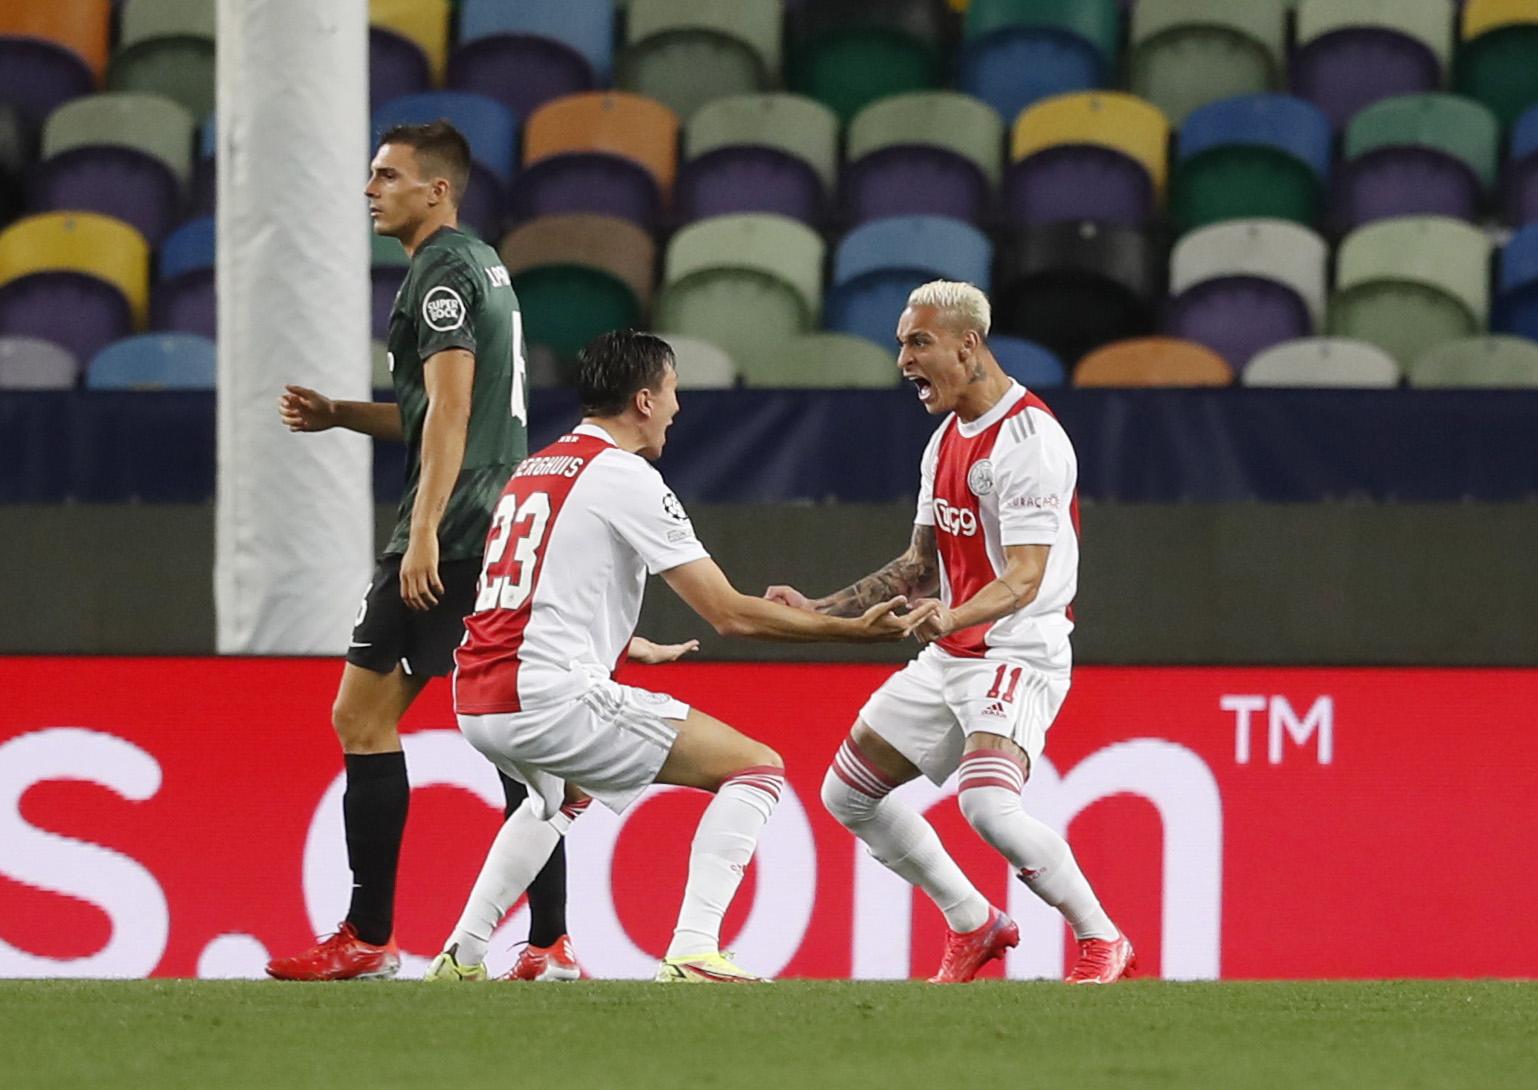 Champions League: Επιβλητική πεντάρα ο Άγιαξ, «έπιασε» τη Ντόρτμουντ στην κορυφή